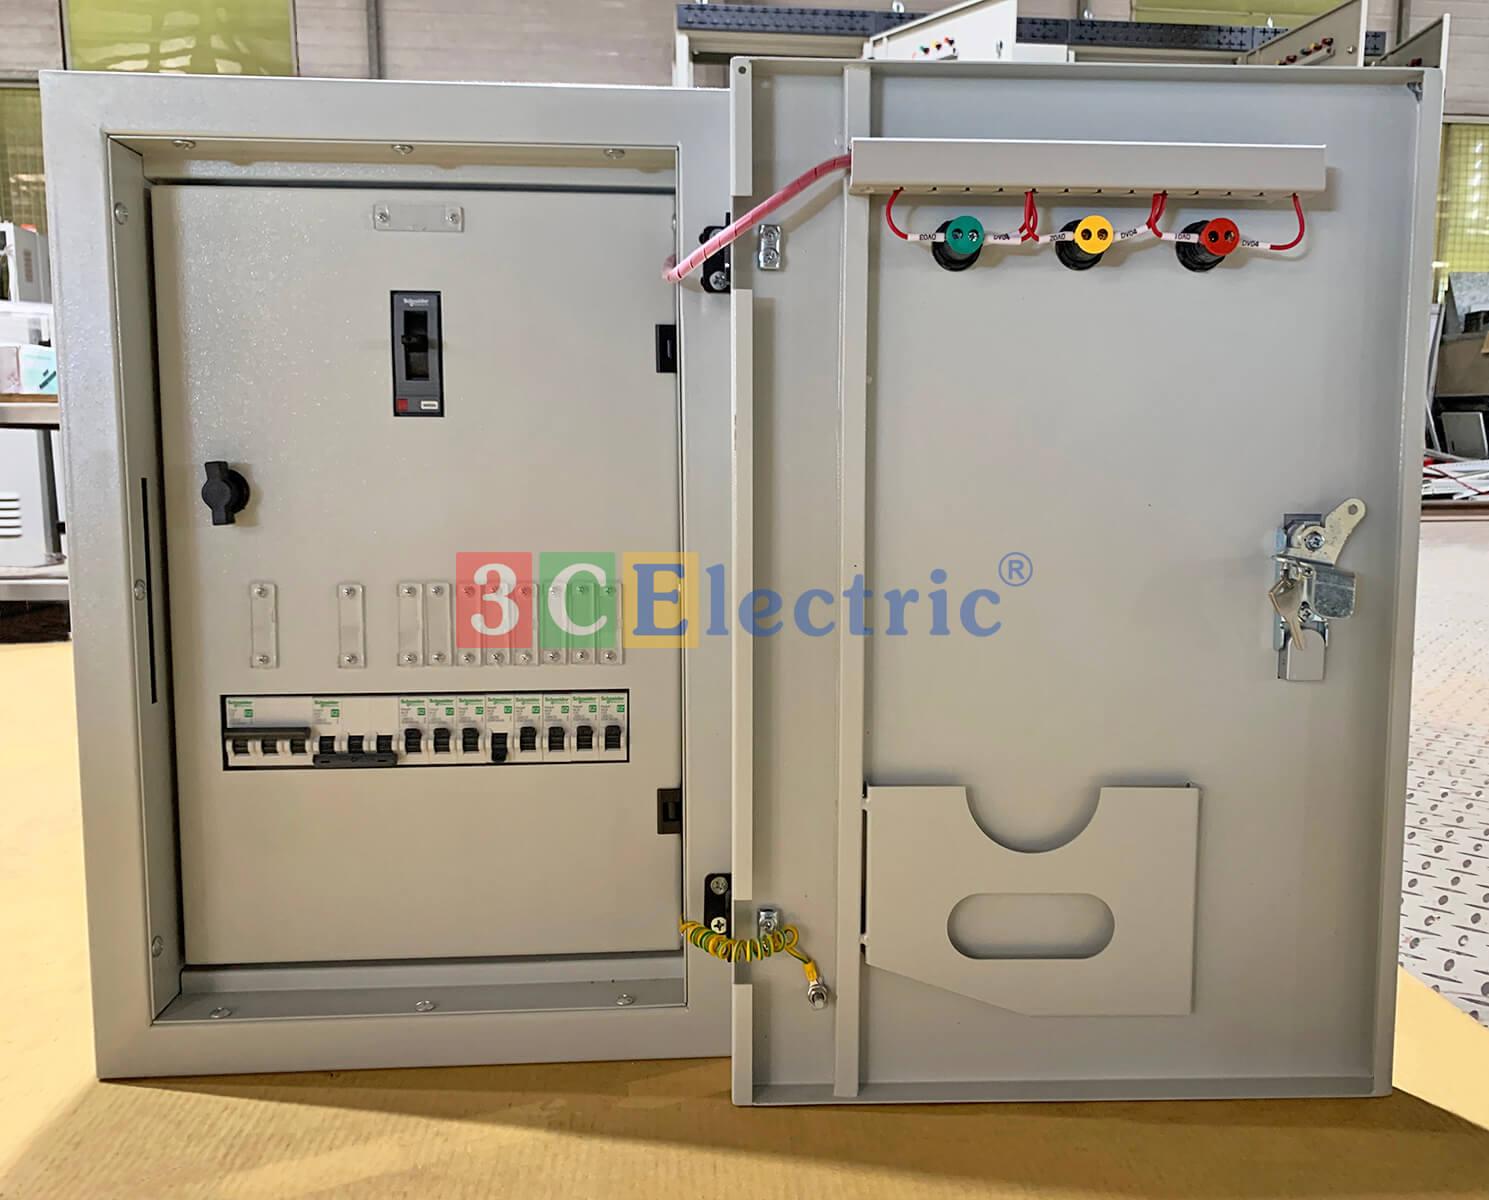 Cung cấp Tủ điện điều hoà